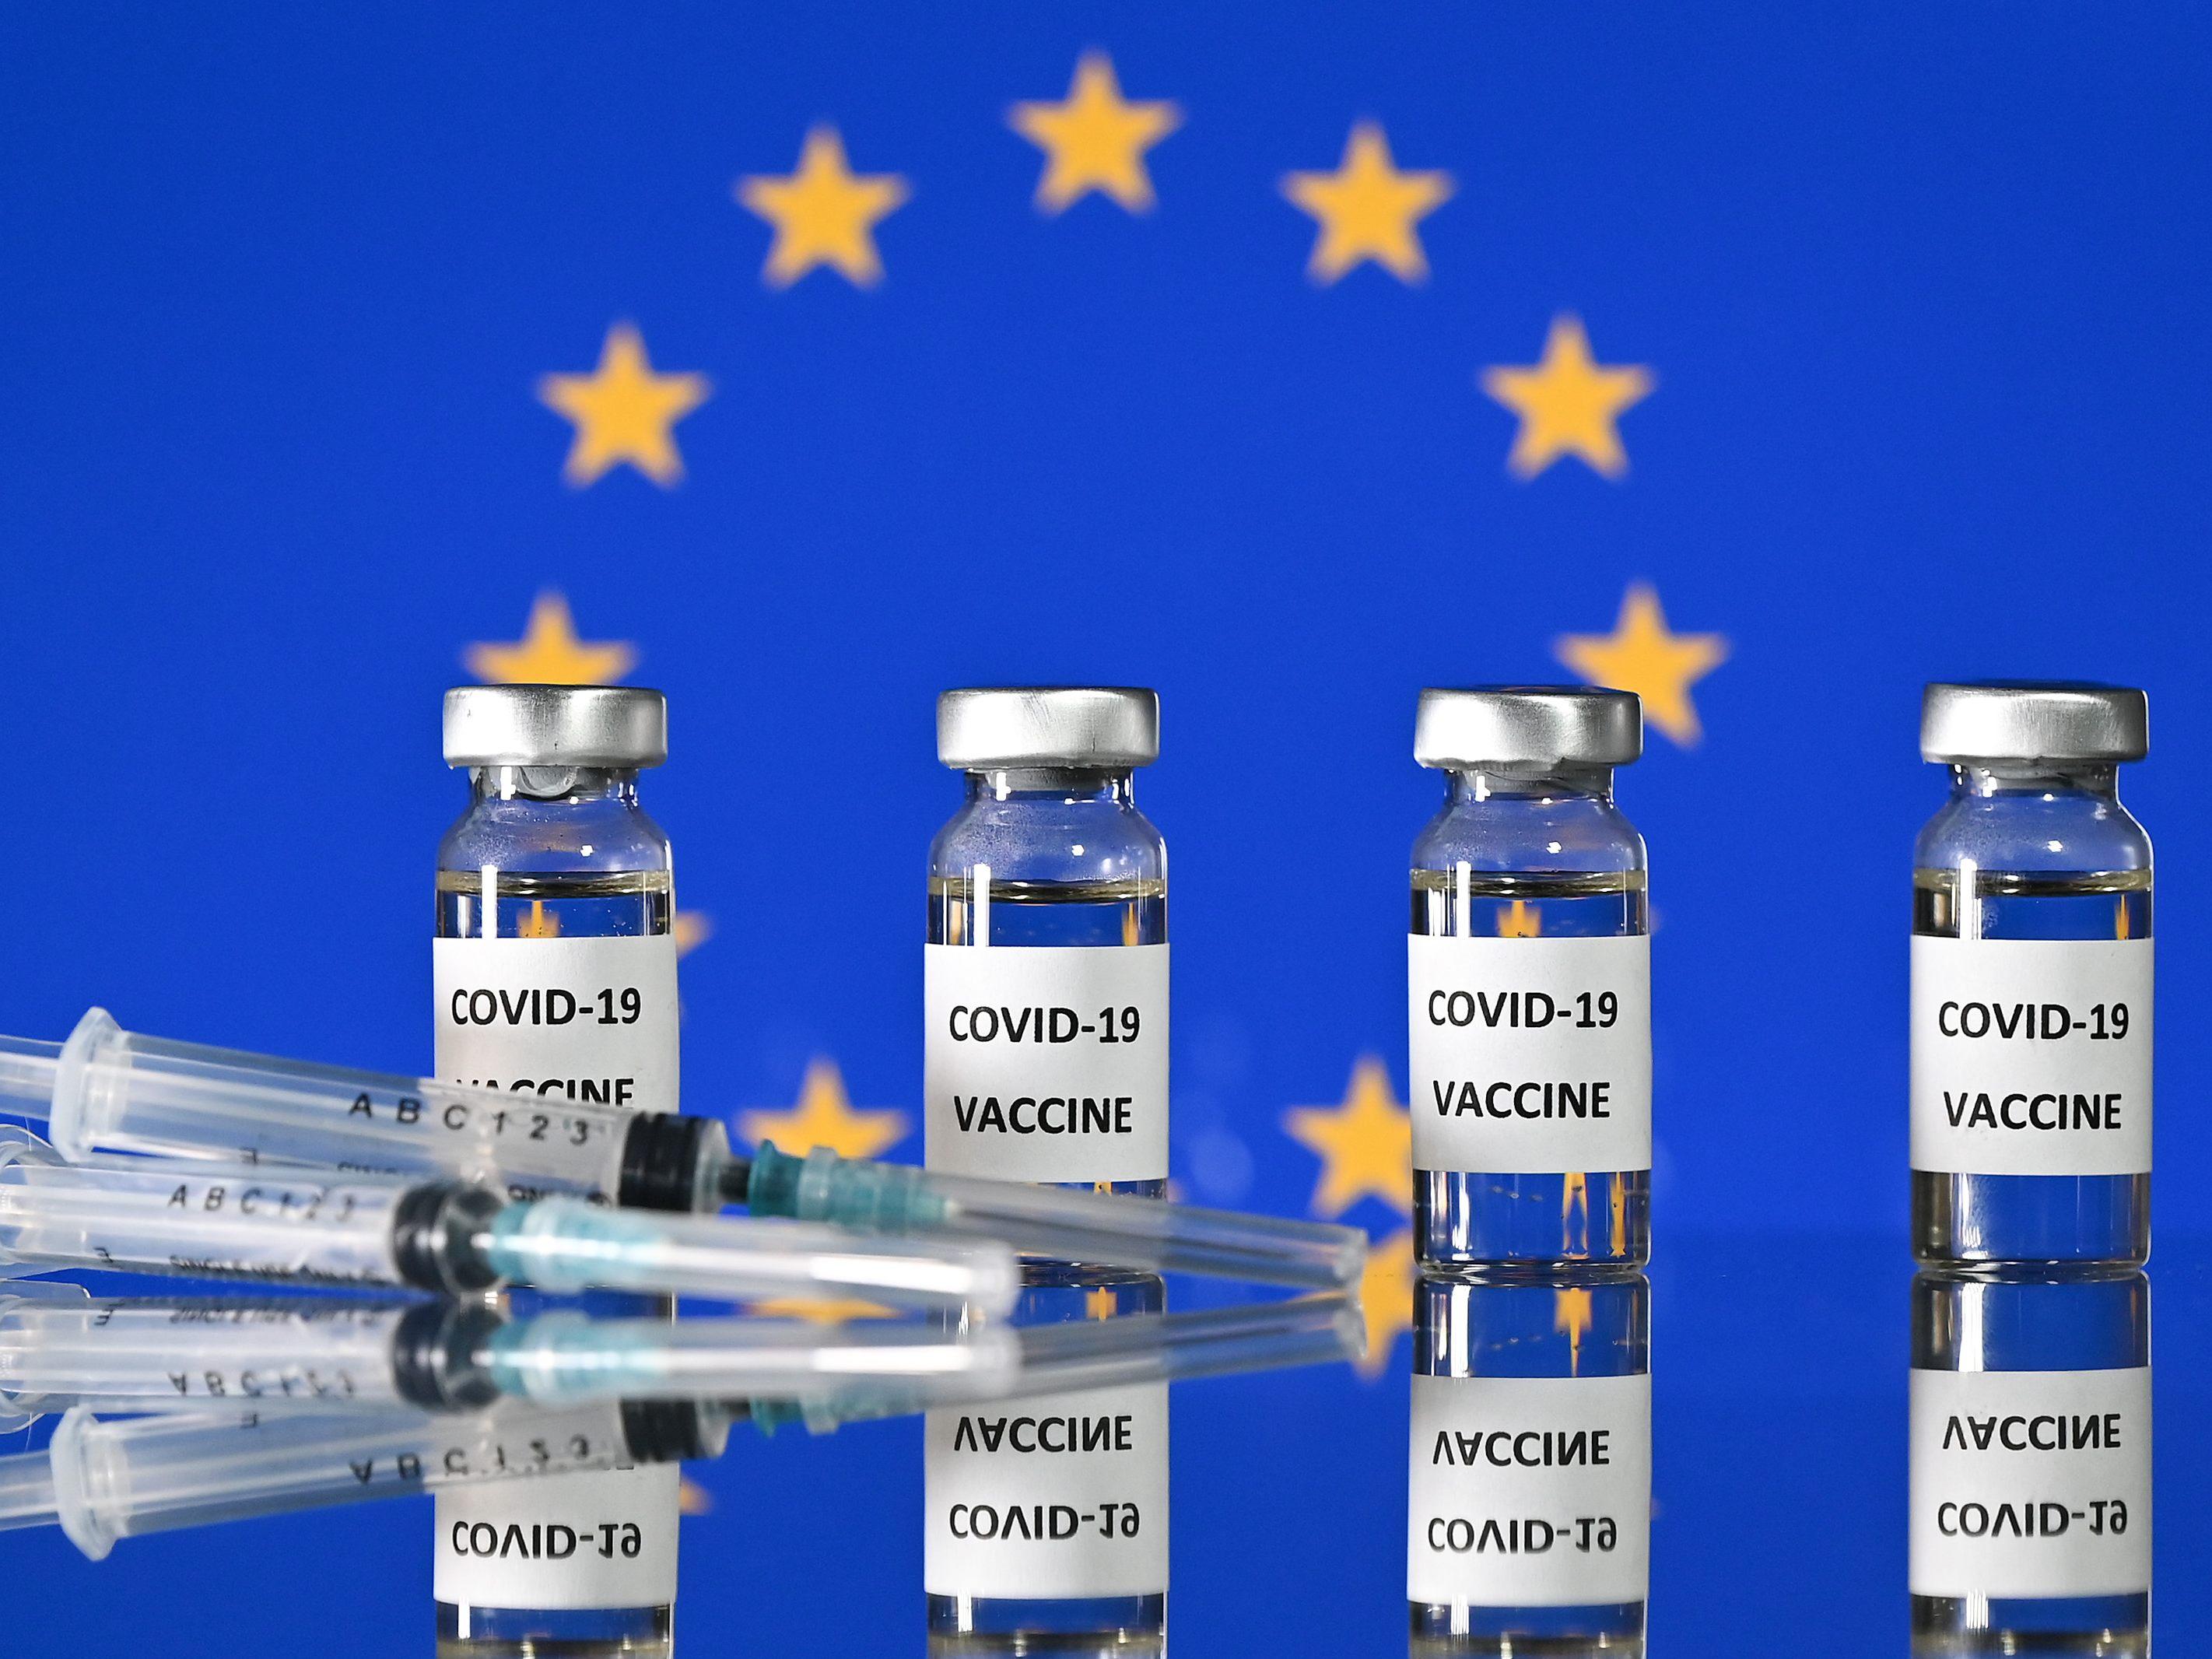 Dreyer: Froh über EU-Empfehlung für Mainzer Corona-Impfstoff